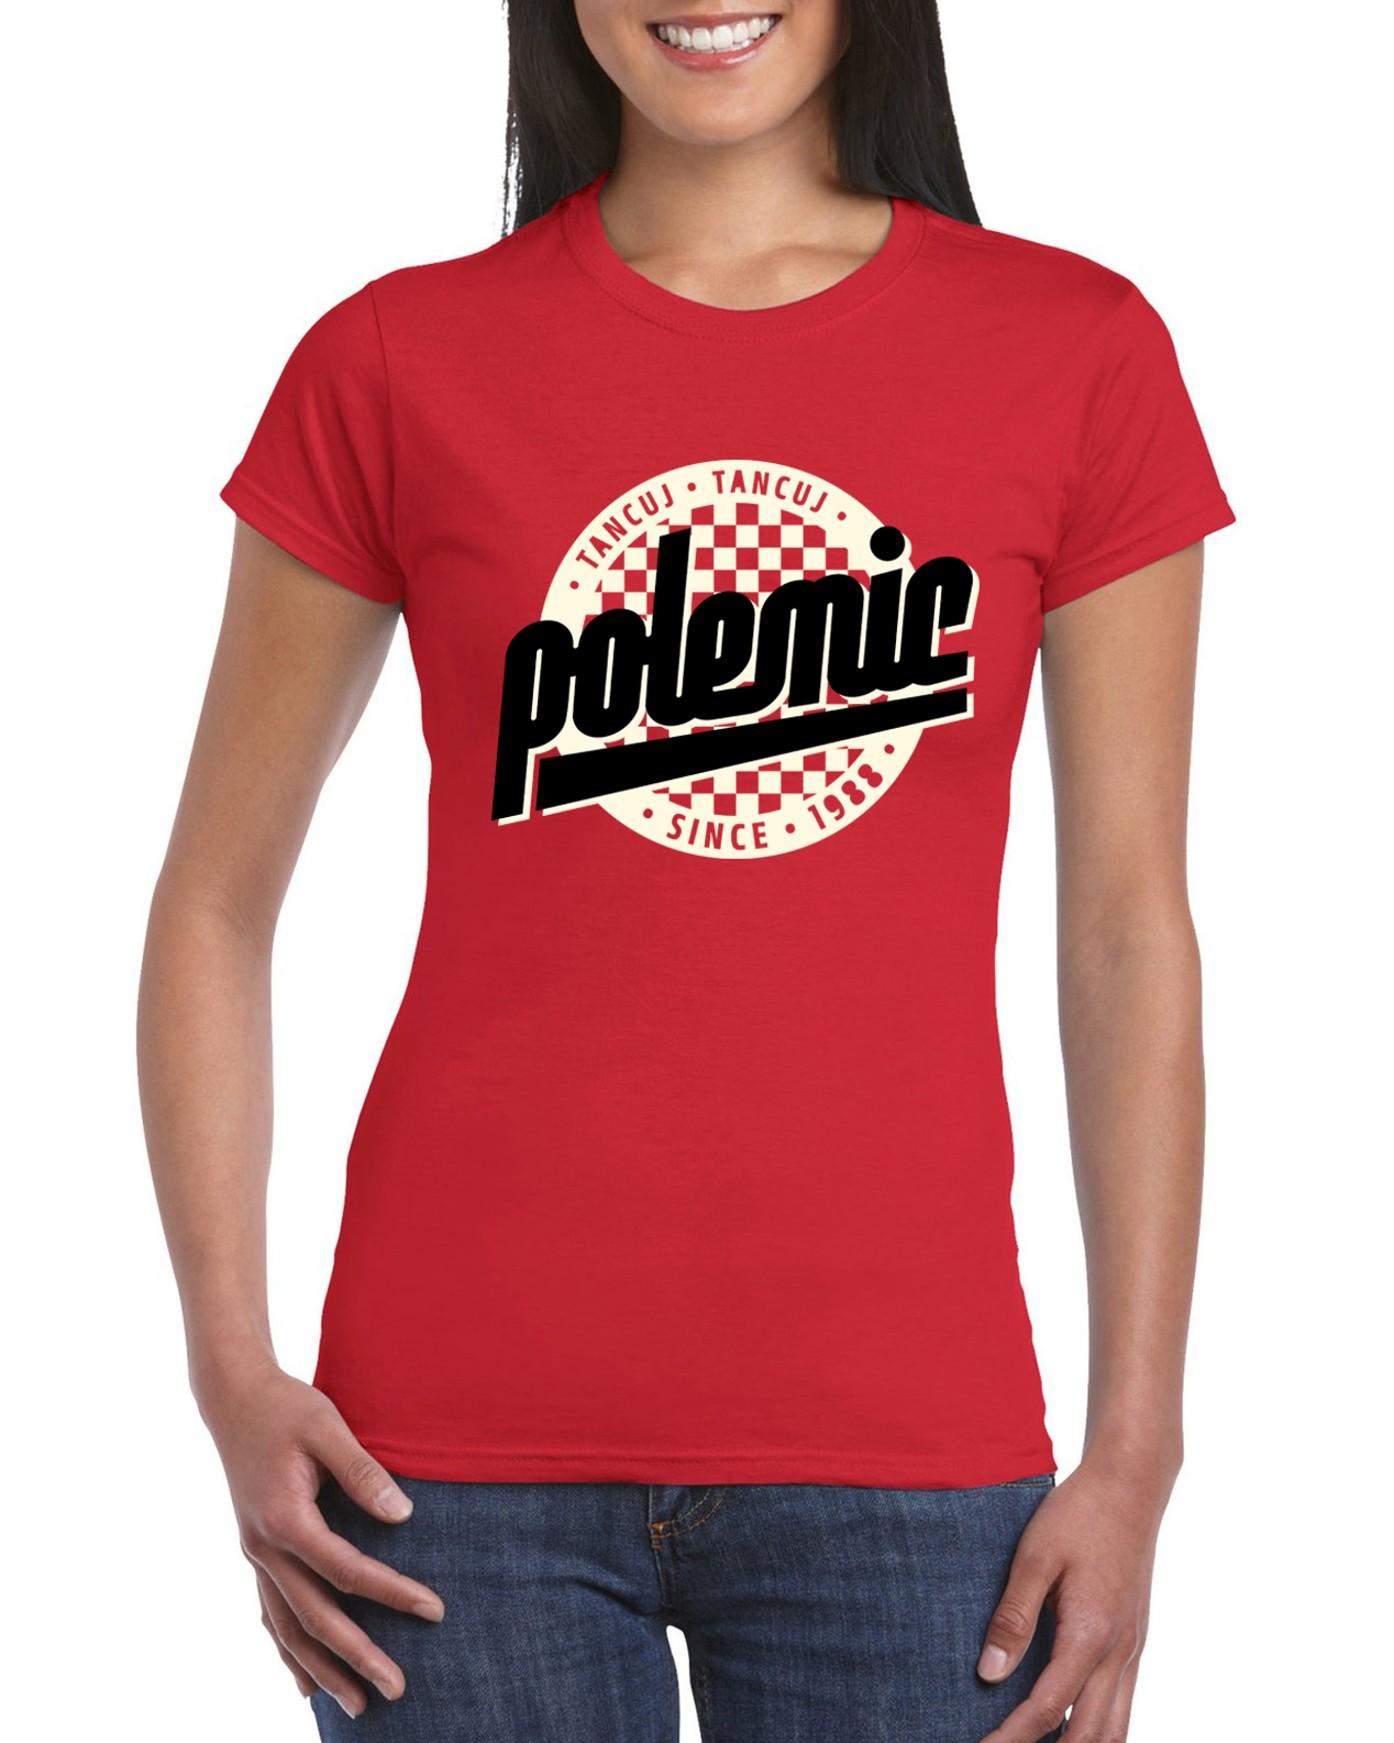 Polemic - Tričko Logo - Žena, Červená, XL